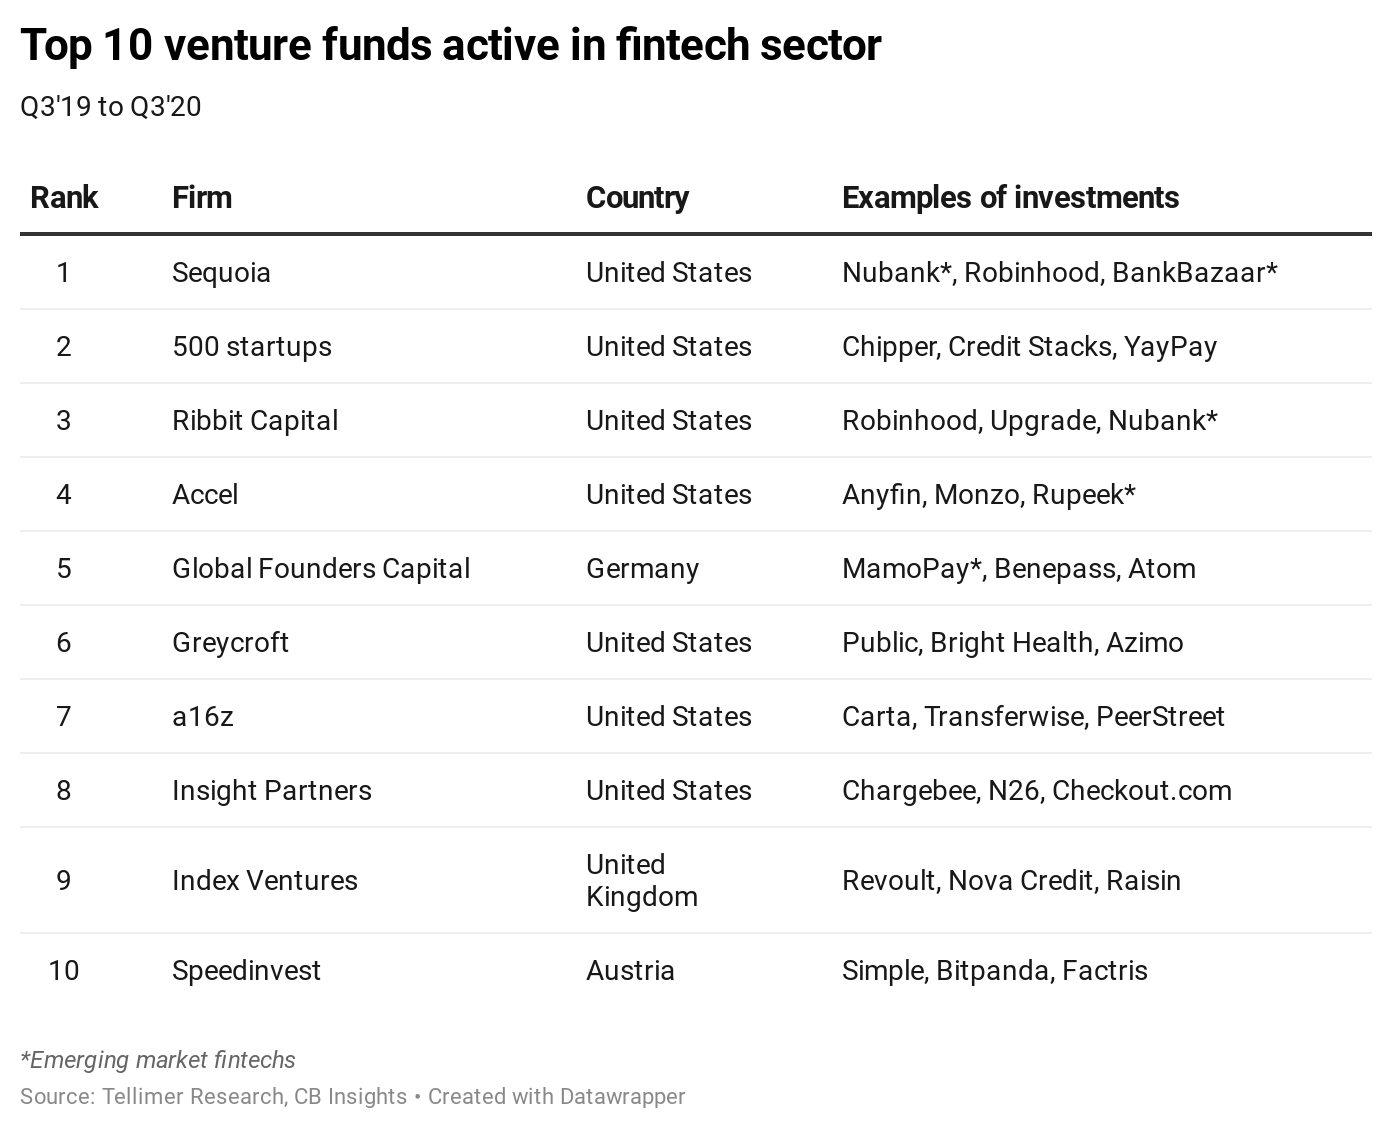 Top 10 venture funds active in fintech sector